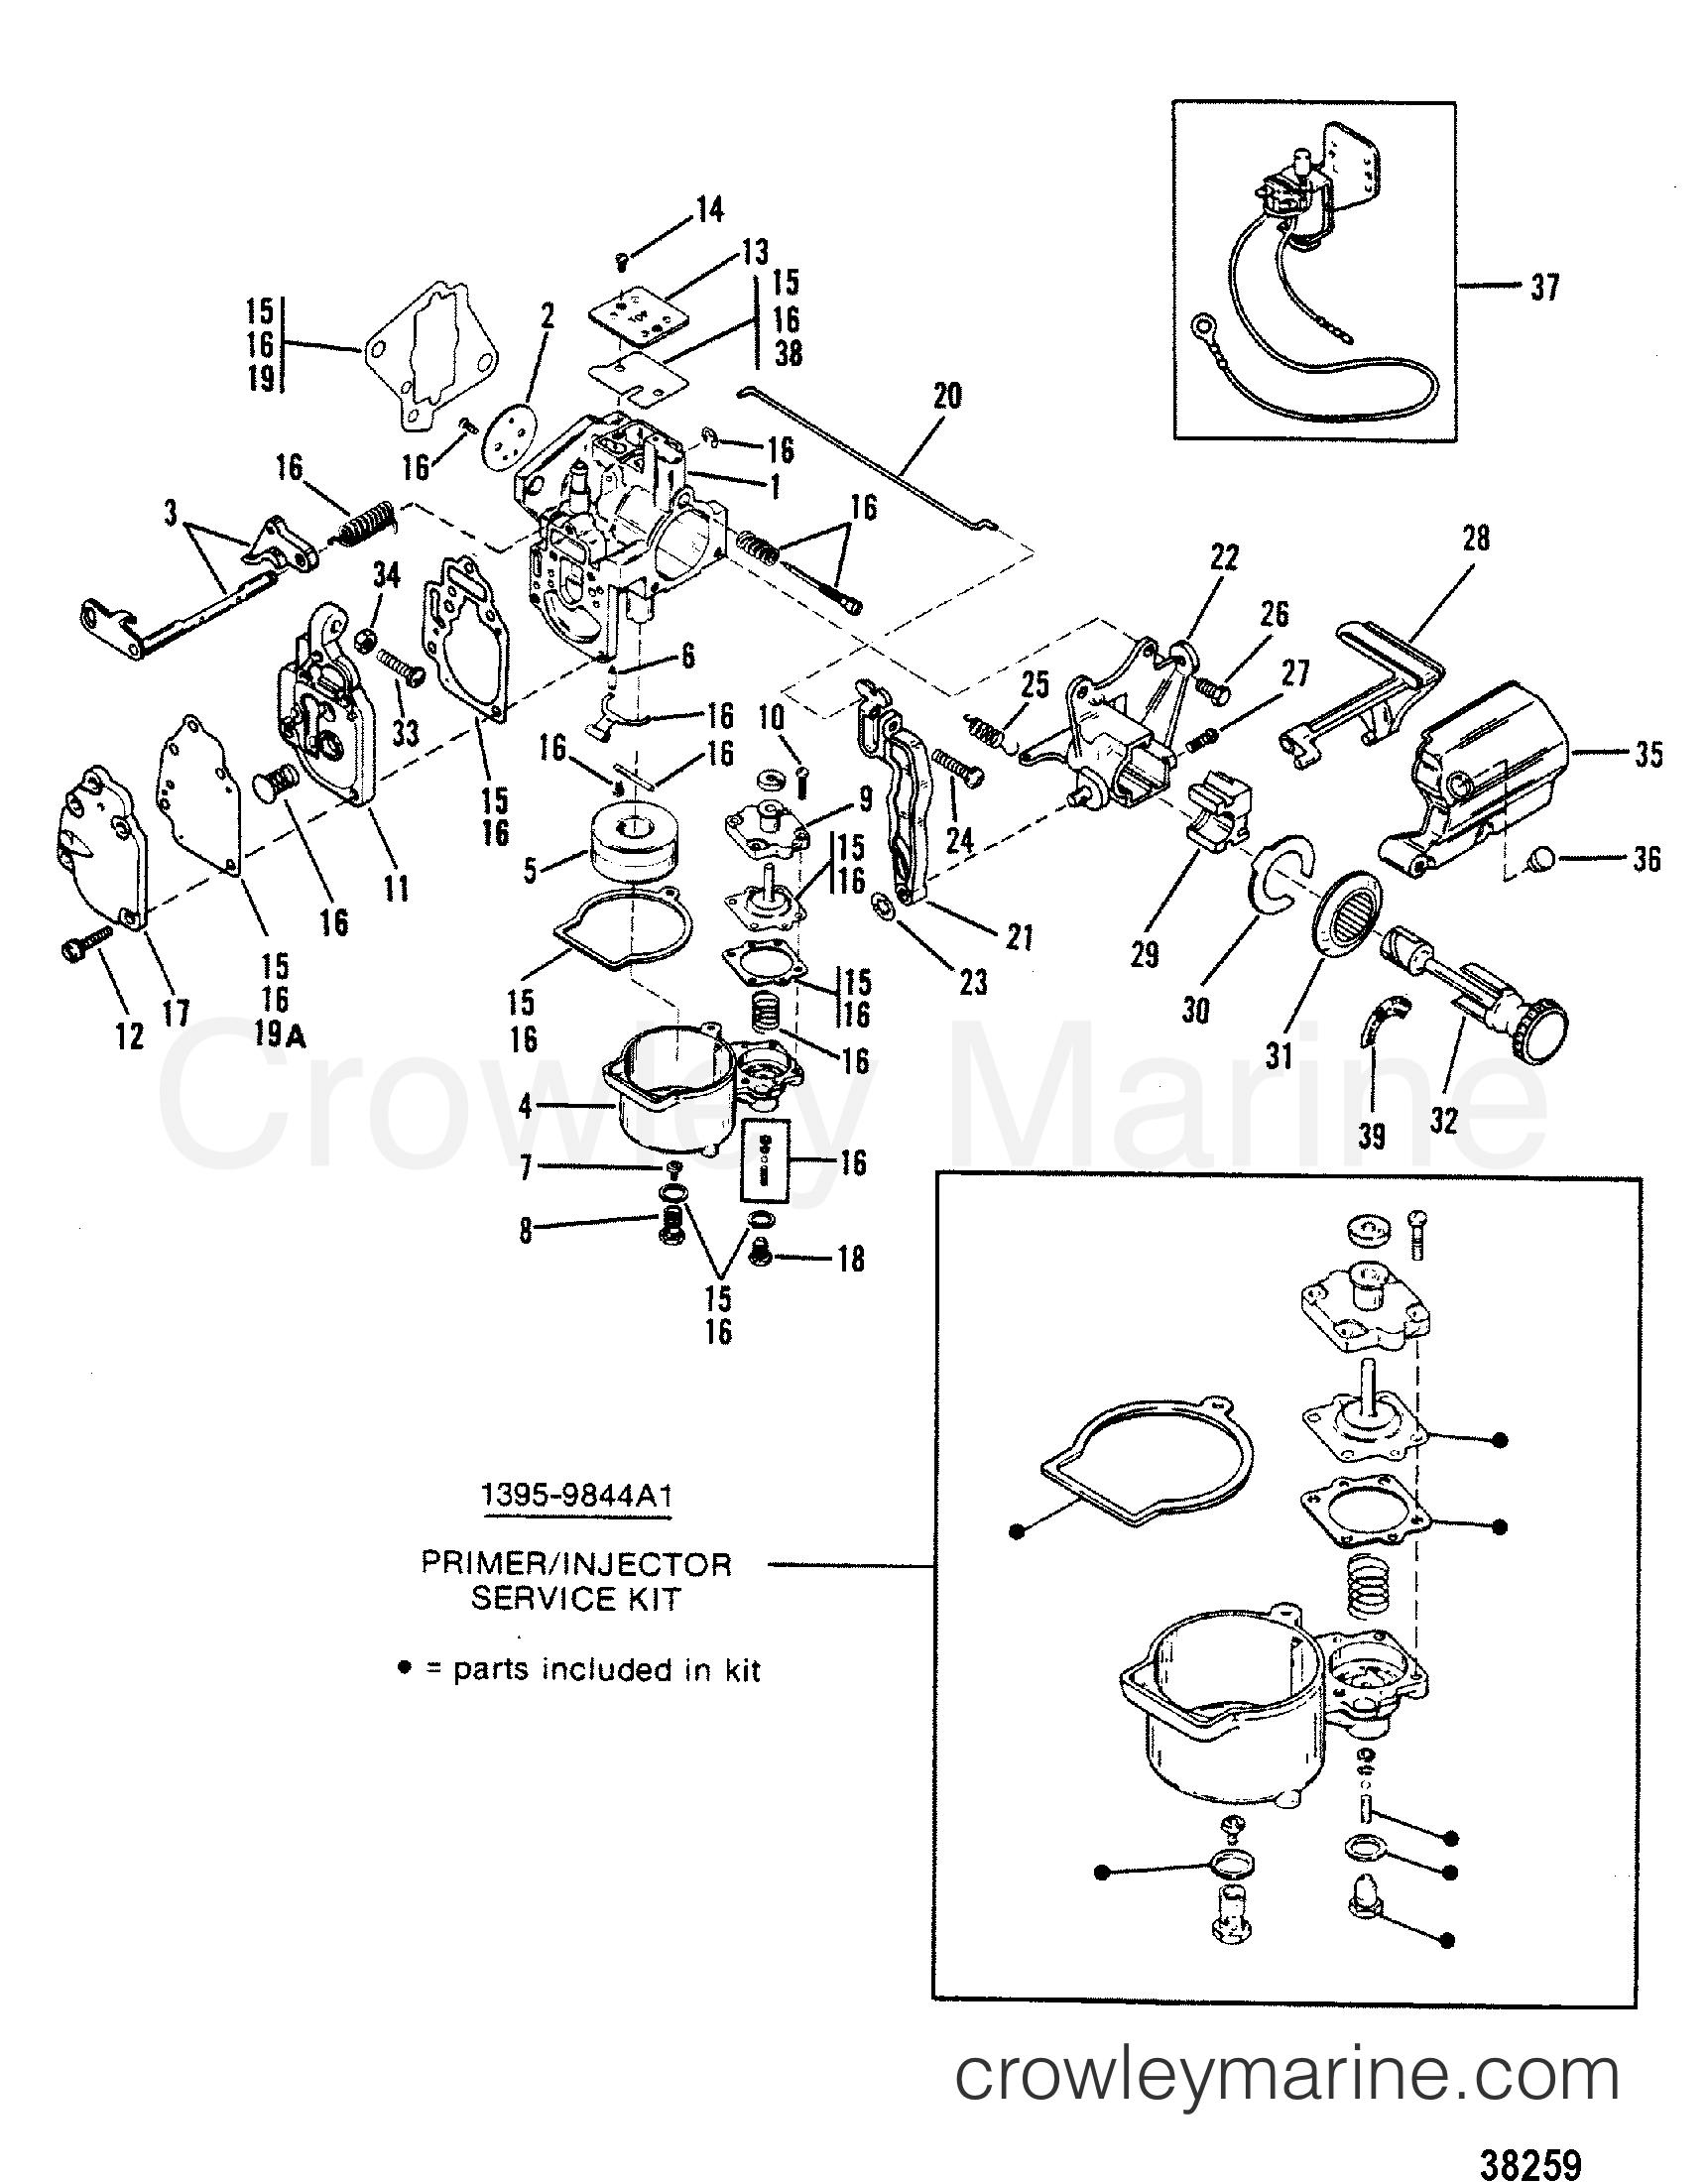 carburetor   wmc 1717b17c1818a18b20  20a  20b23